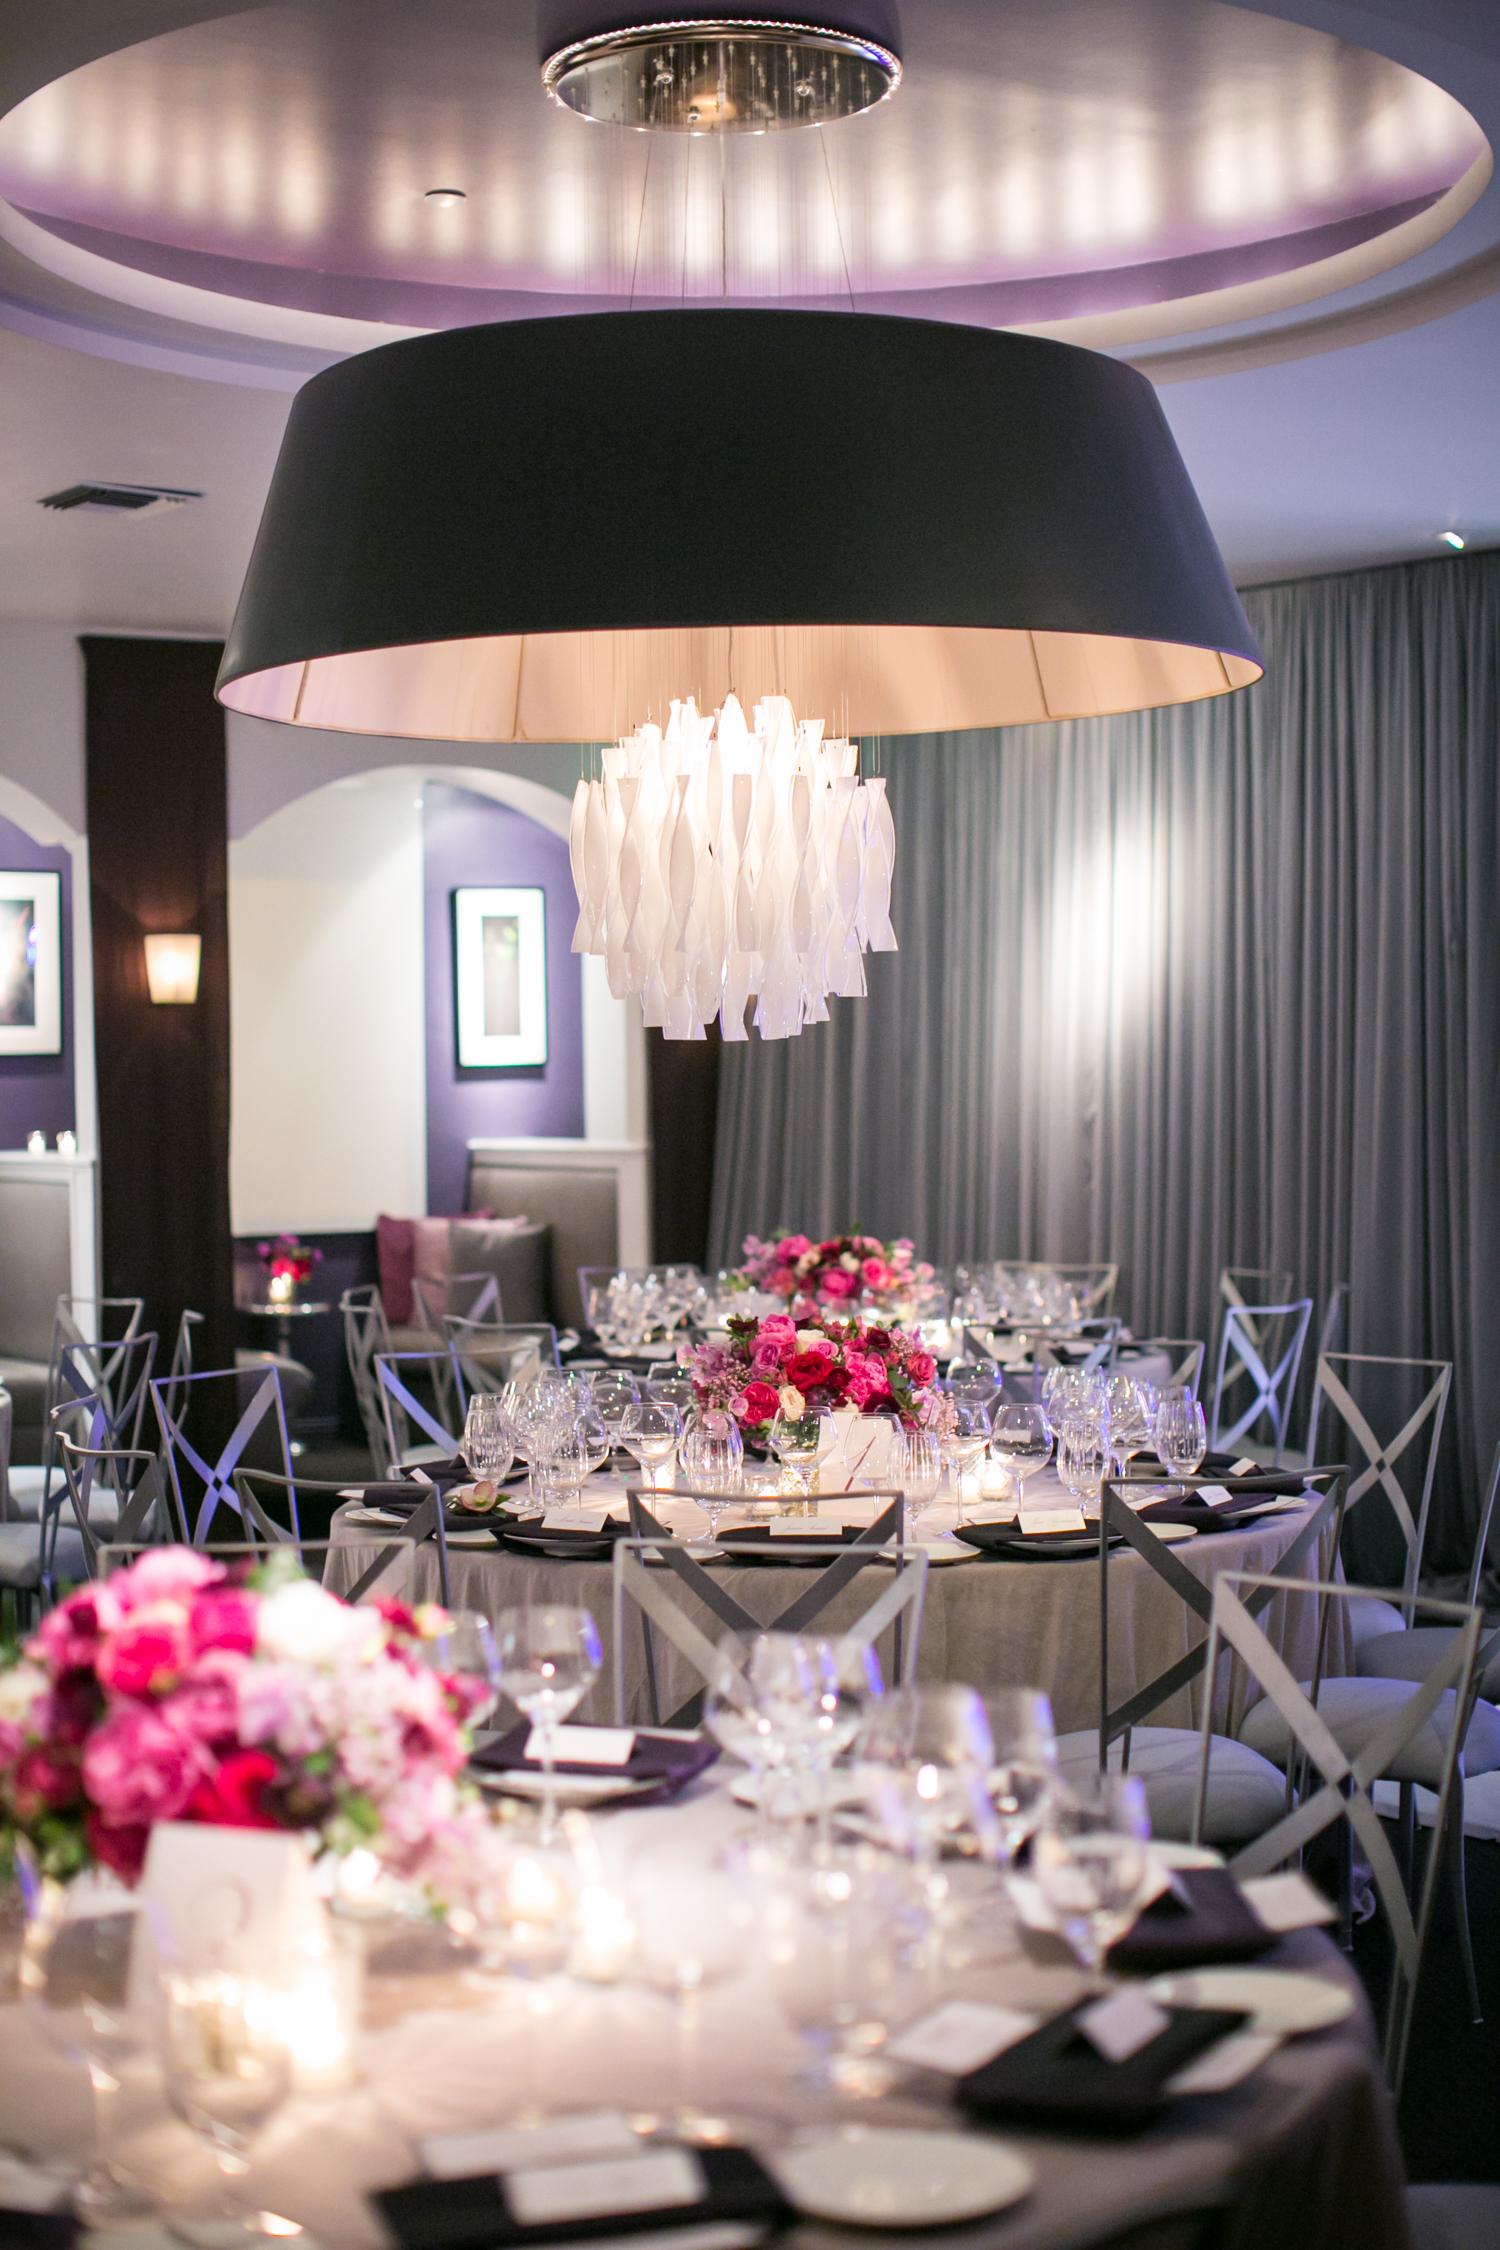 vertical-dining-room-magnolia-event-design-miki-and-sonja-melisse.jpg